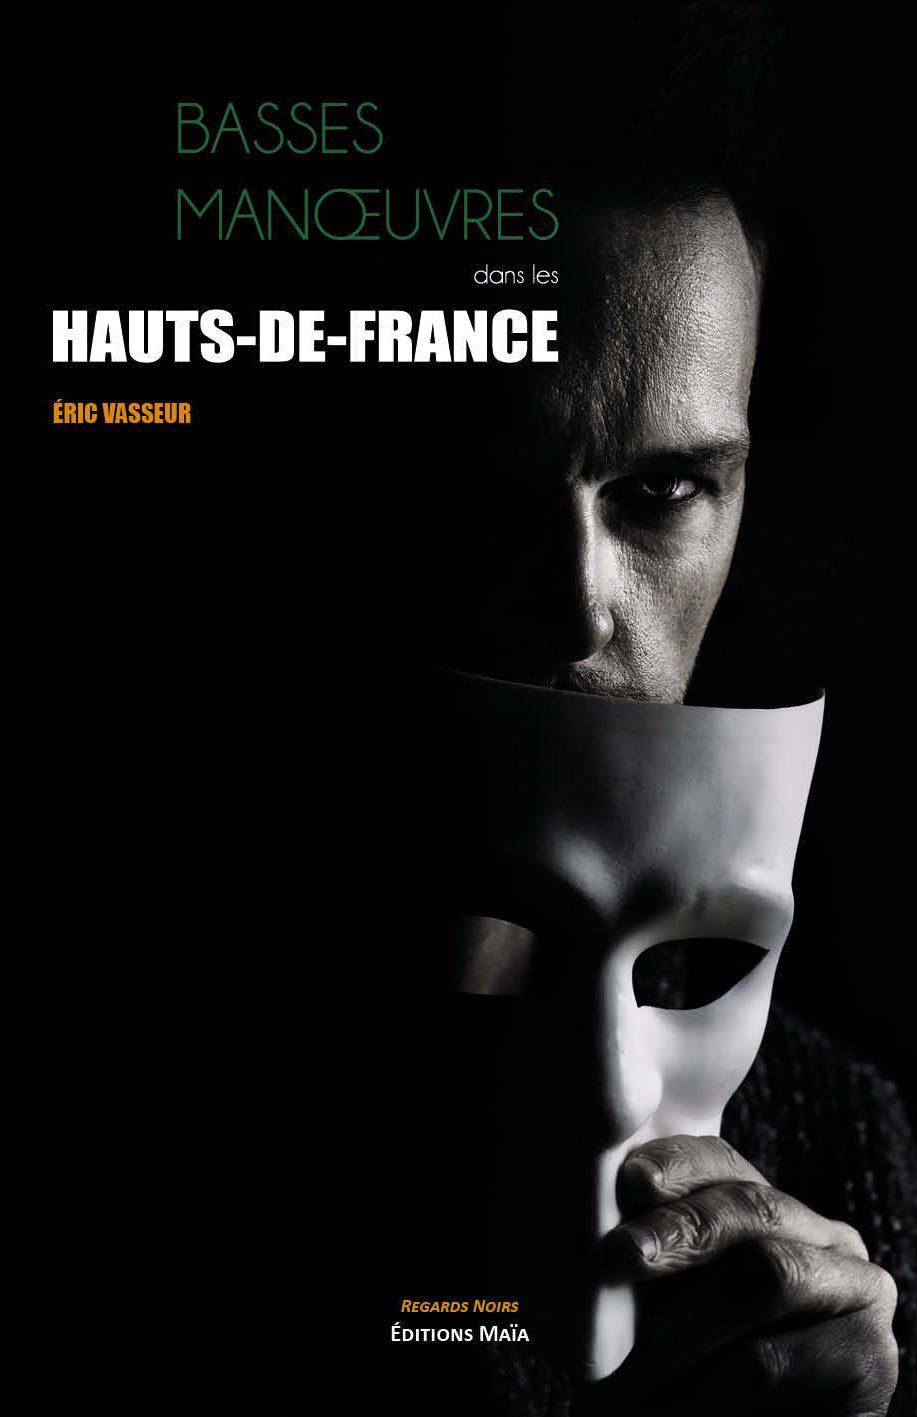 Entretien avec Eric Vasseur – Basses manoeuvres dans les Hauts-de-France